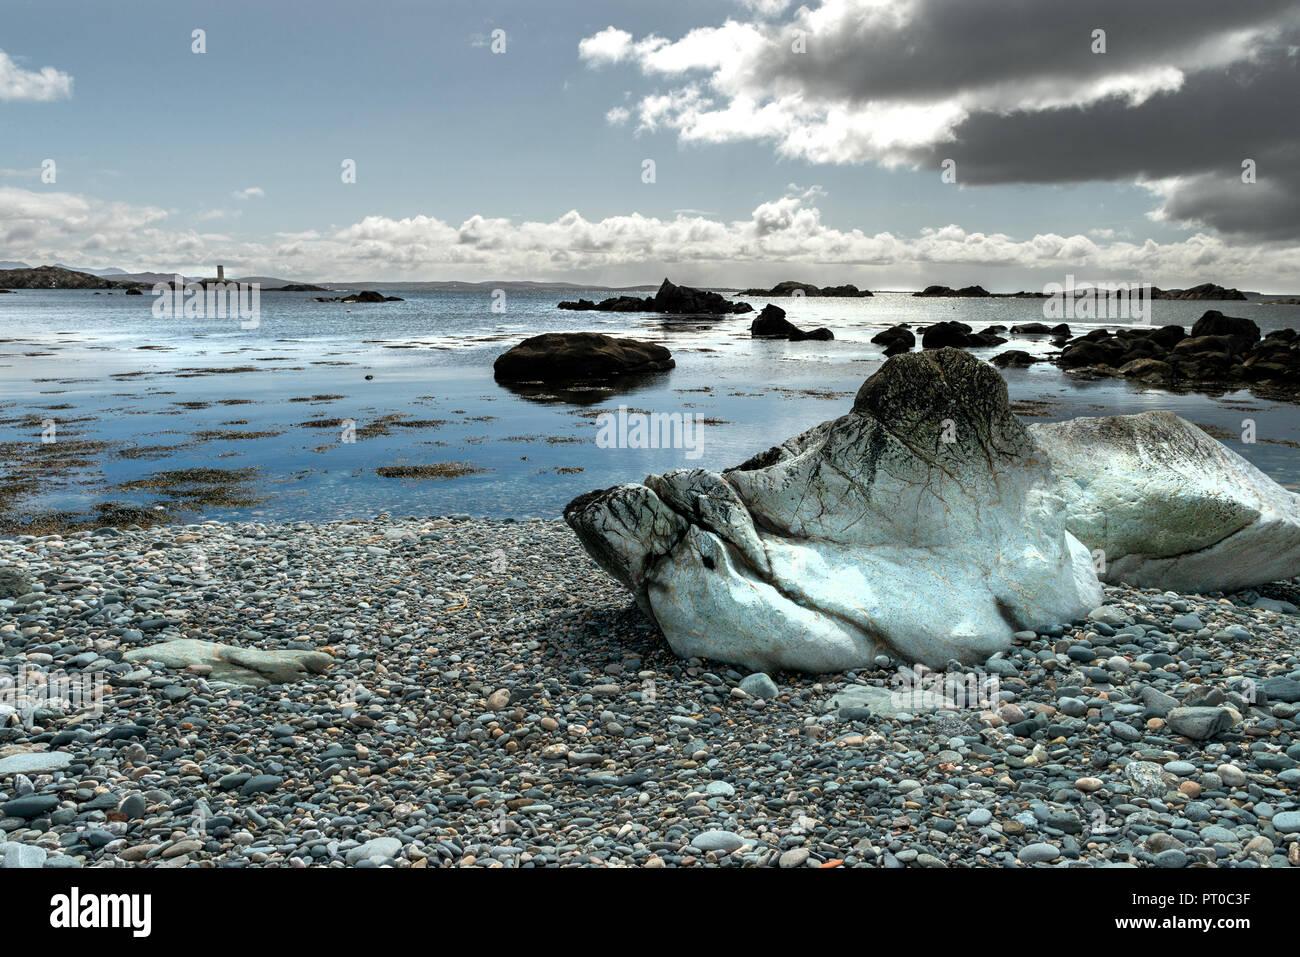 La formazione di pietra su una spiaggia, Irlanda, Connemara, Inishboffin isola, Inis Bo Finne (Isola della vacca Bianca) giace a sette miglia fuori della Galway Coast. Immagini Stock